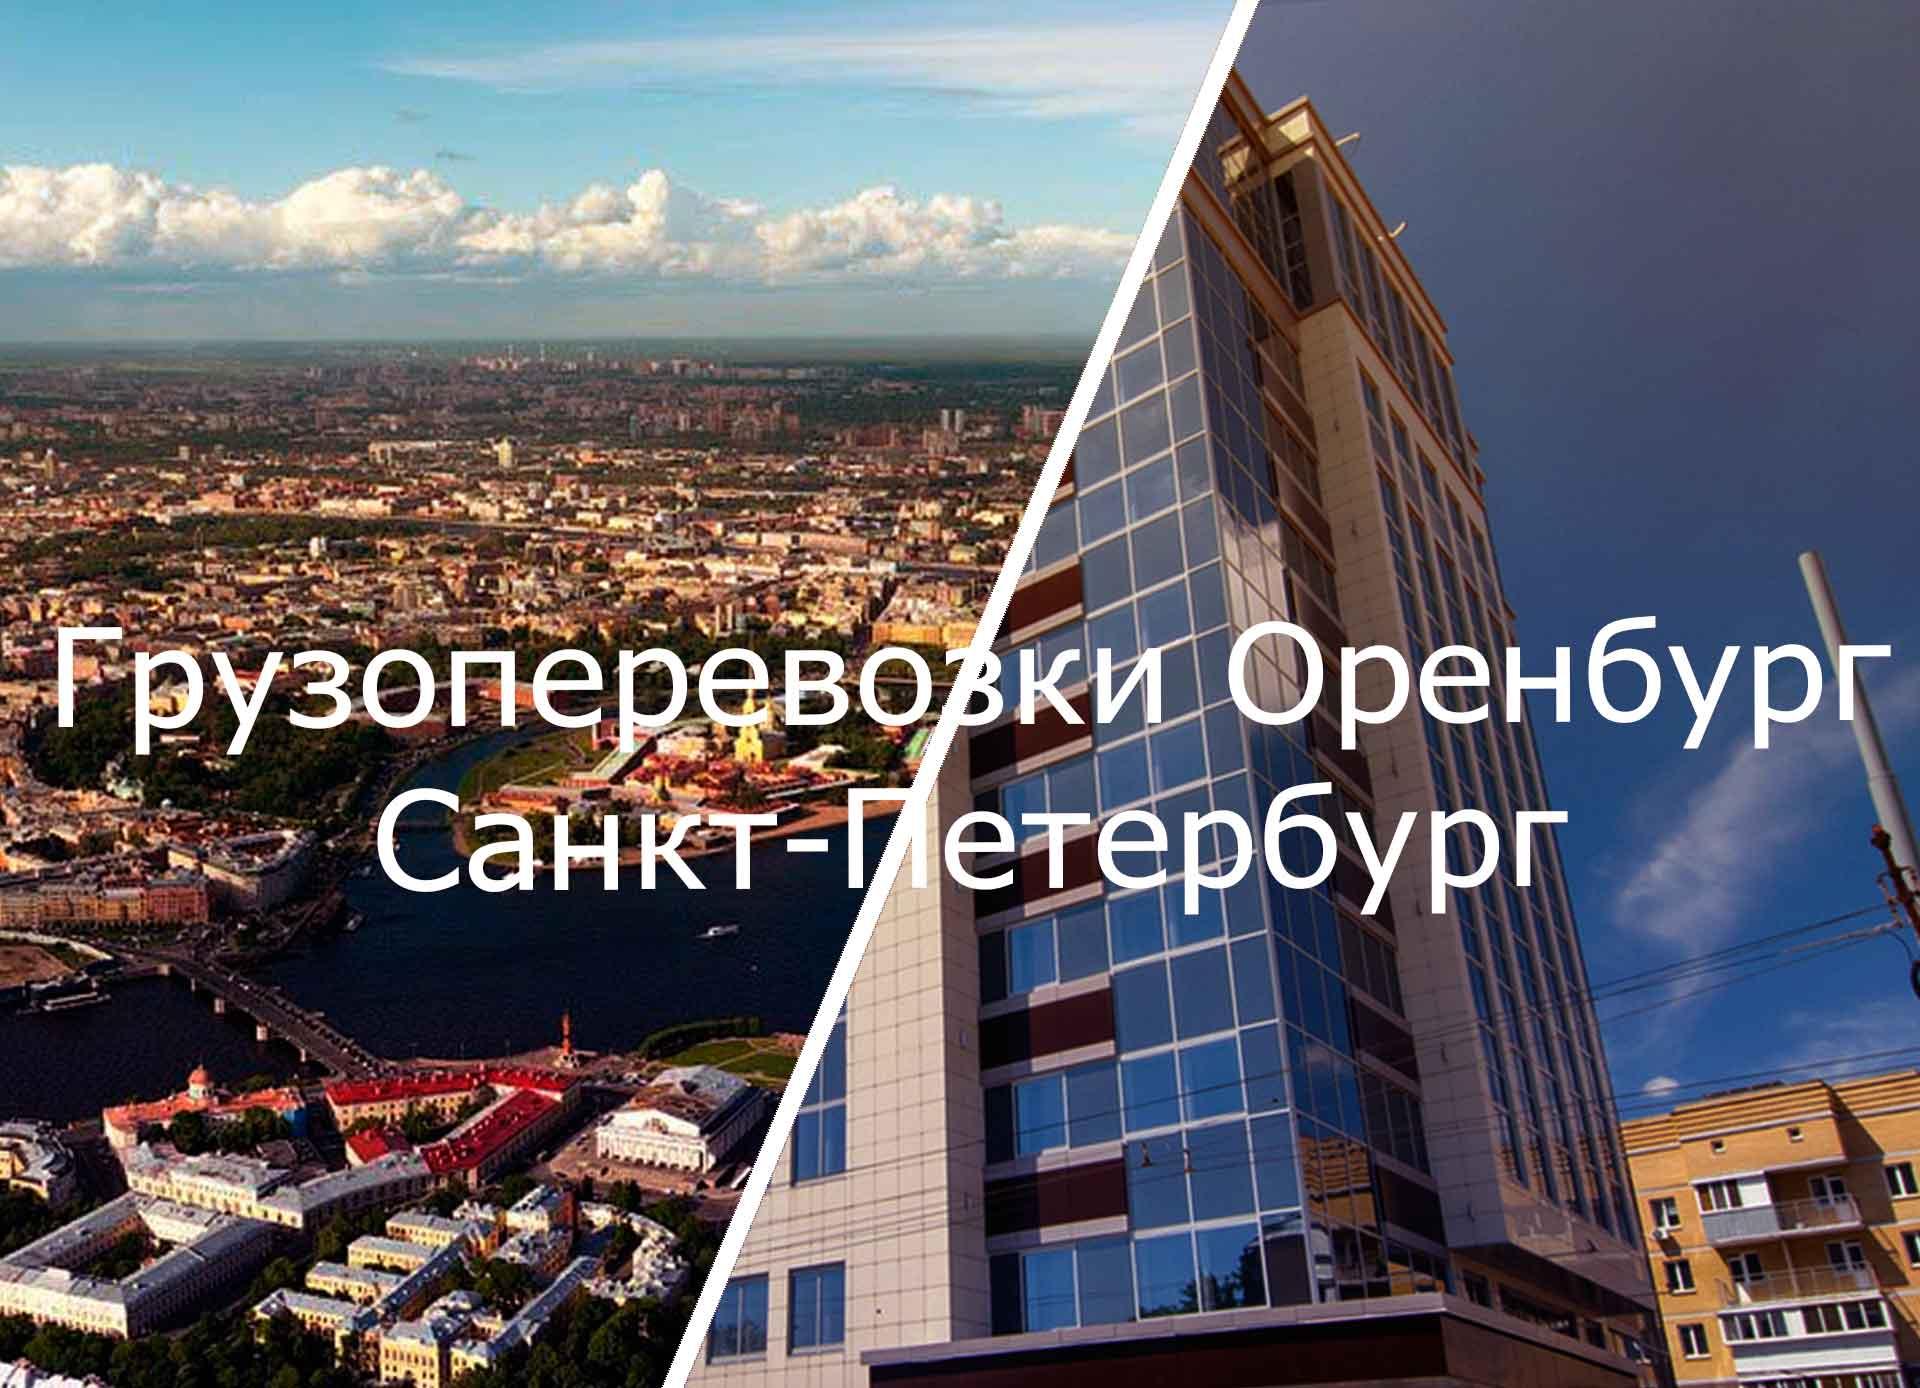 грузоперевозки оренбург санки петербург